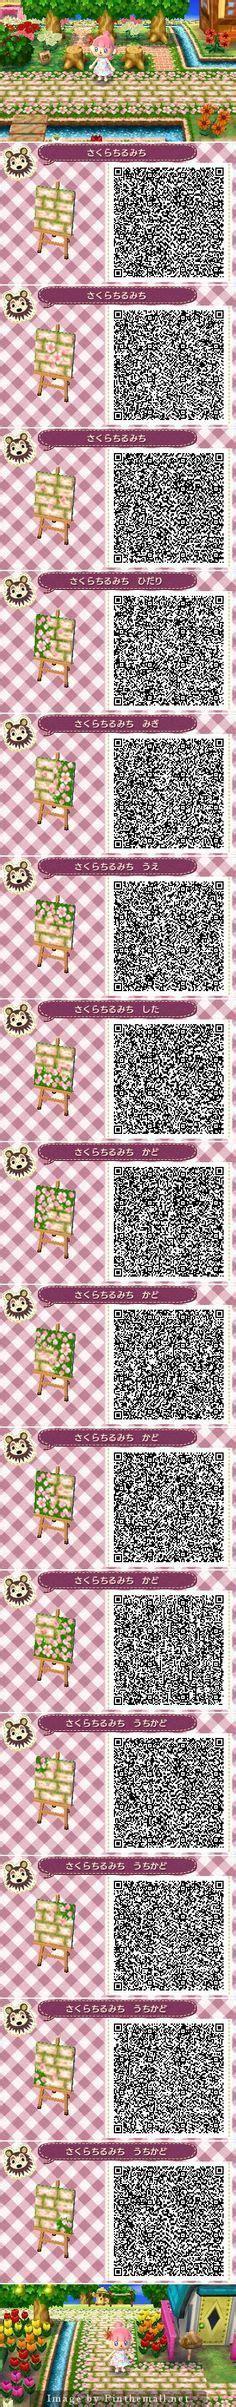 flower pattern qr code round brick flower bed acnl qr codes acnl qr codes